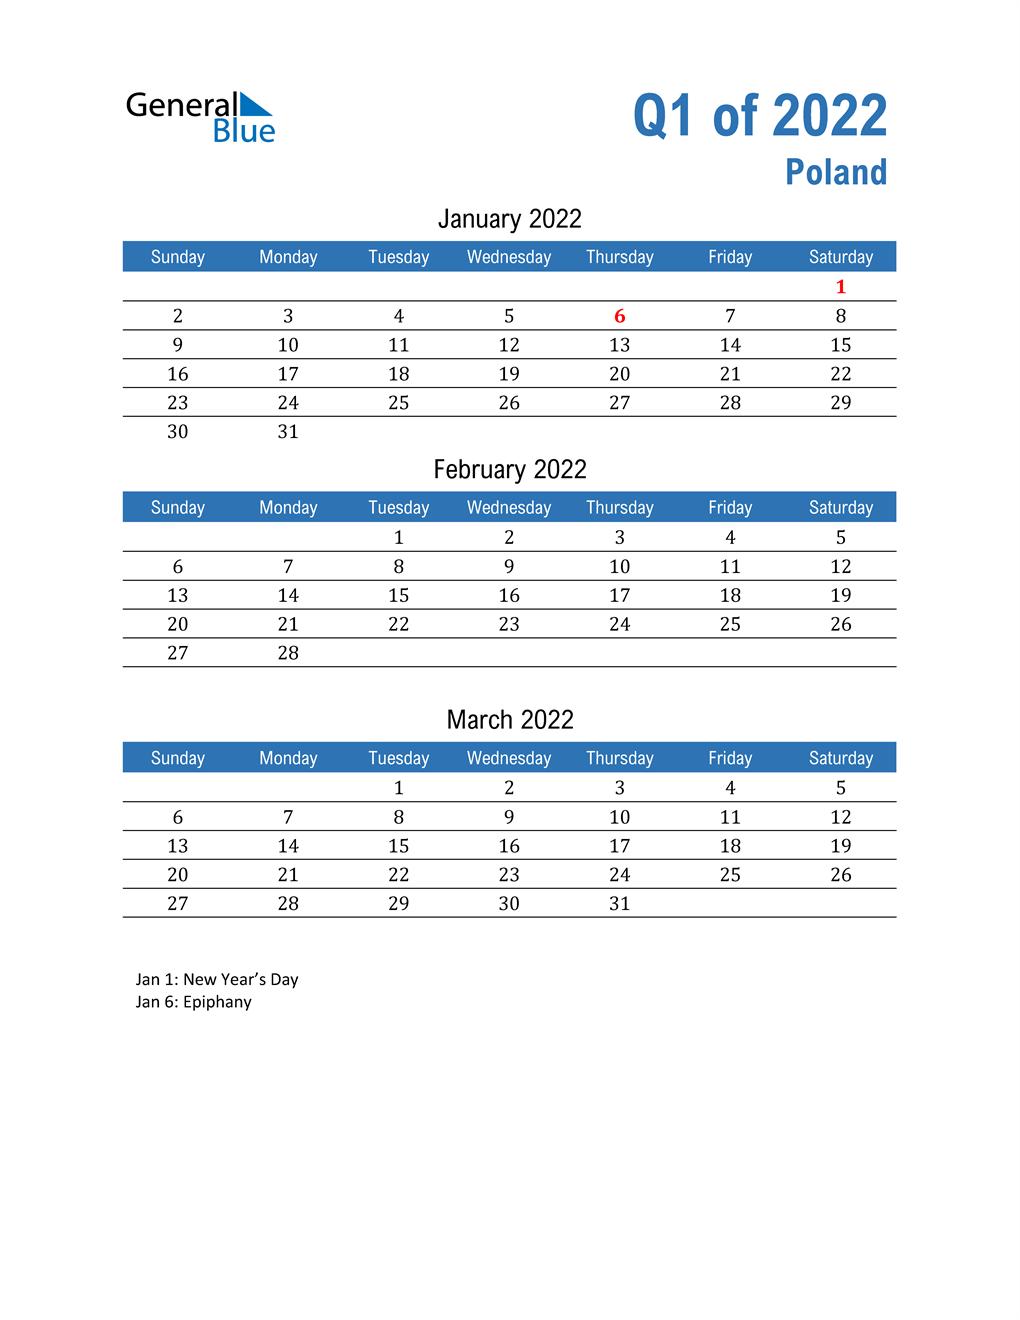 Poland 2022 Quarterly Calendar